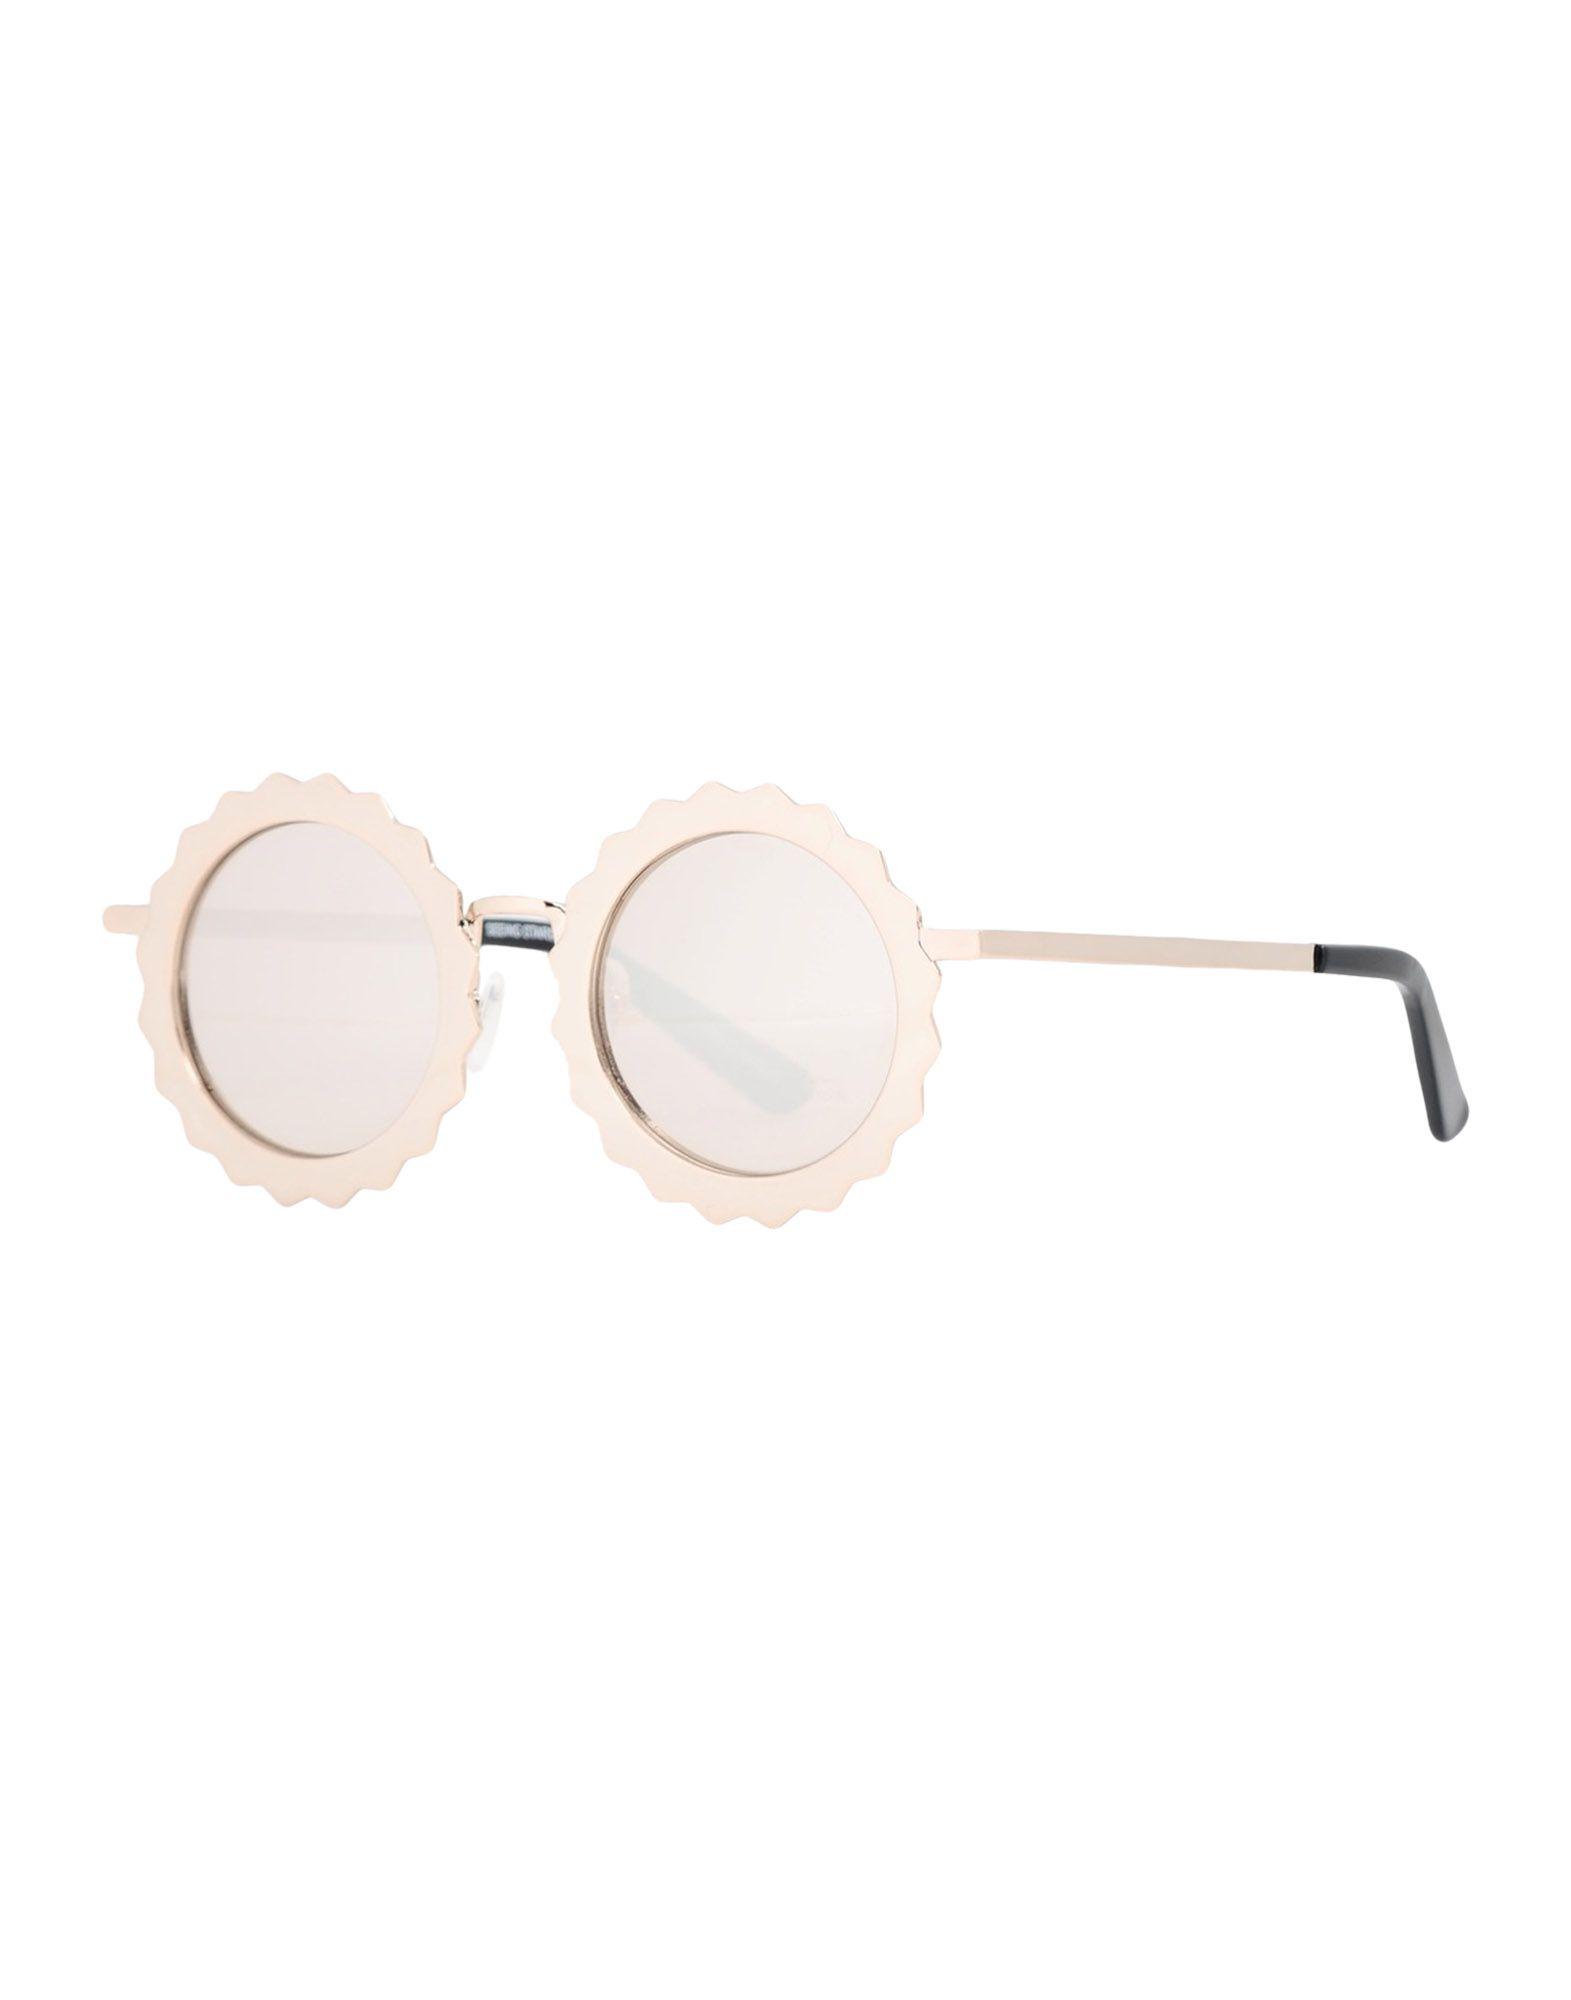 HOUSE OF HOLLAND Солнечные очки аксессуар panasonic wes9012y1361 сеточка и нож для бритв es6002 6003 7036 7038 7101 7102 7109 8043 8044 8078 8813